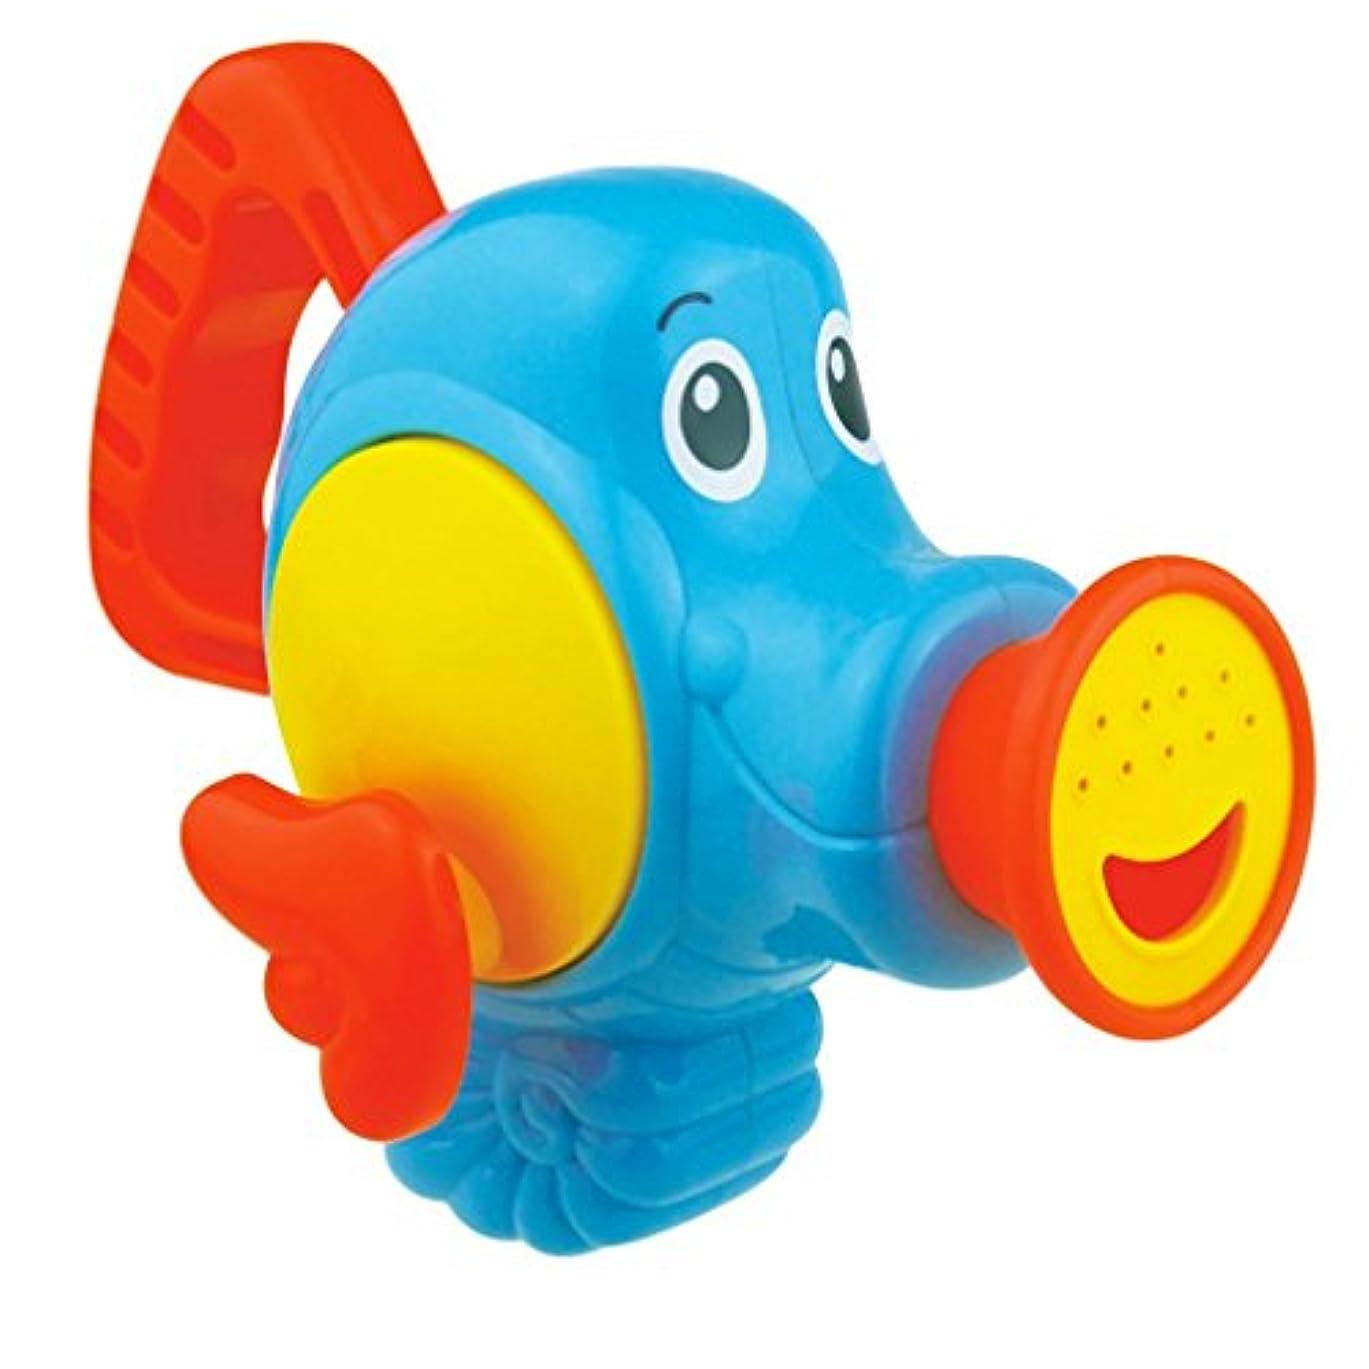 必要性傾斜追放する(コ-ランド) Co-land 水鉄砲 おもちゃ お風呂おもちゃ バストイ 水遊び 可愛い 噴水 砂遊び ビーチ玩具 子供玩具 キッズ 男の子 女の子 ブルー